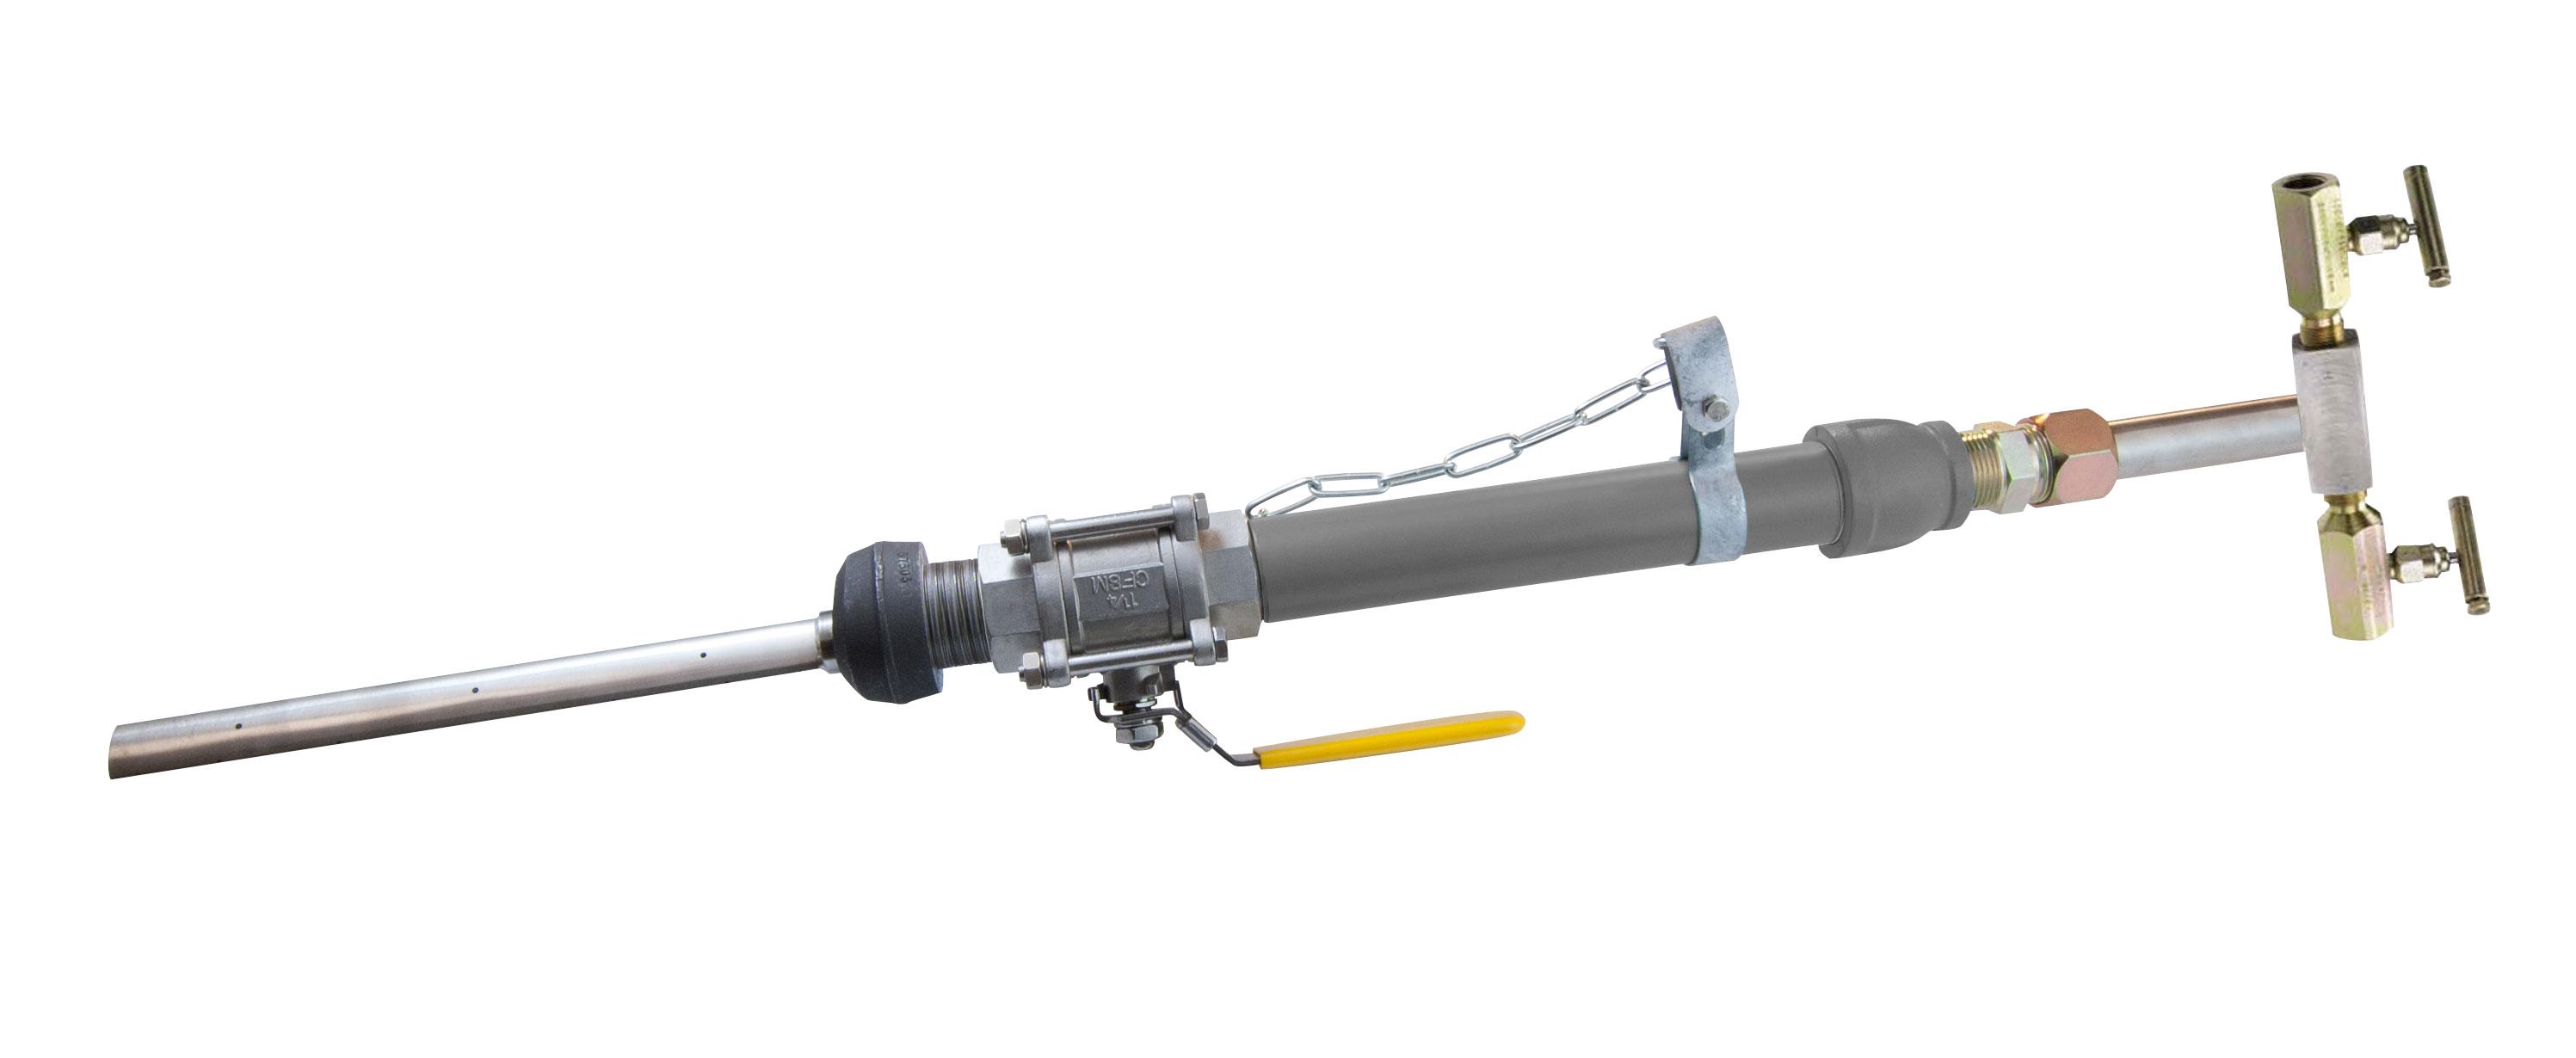 Ellipse® AHR Annular Wet Tap, Low Pressure Flow Meter